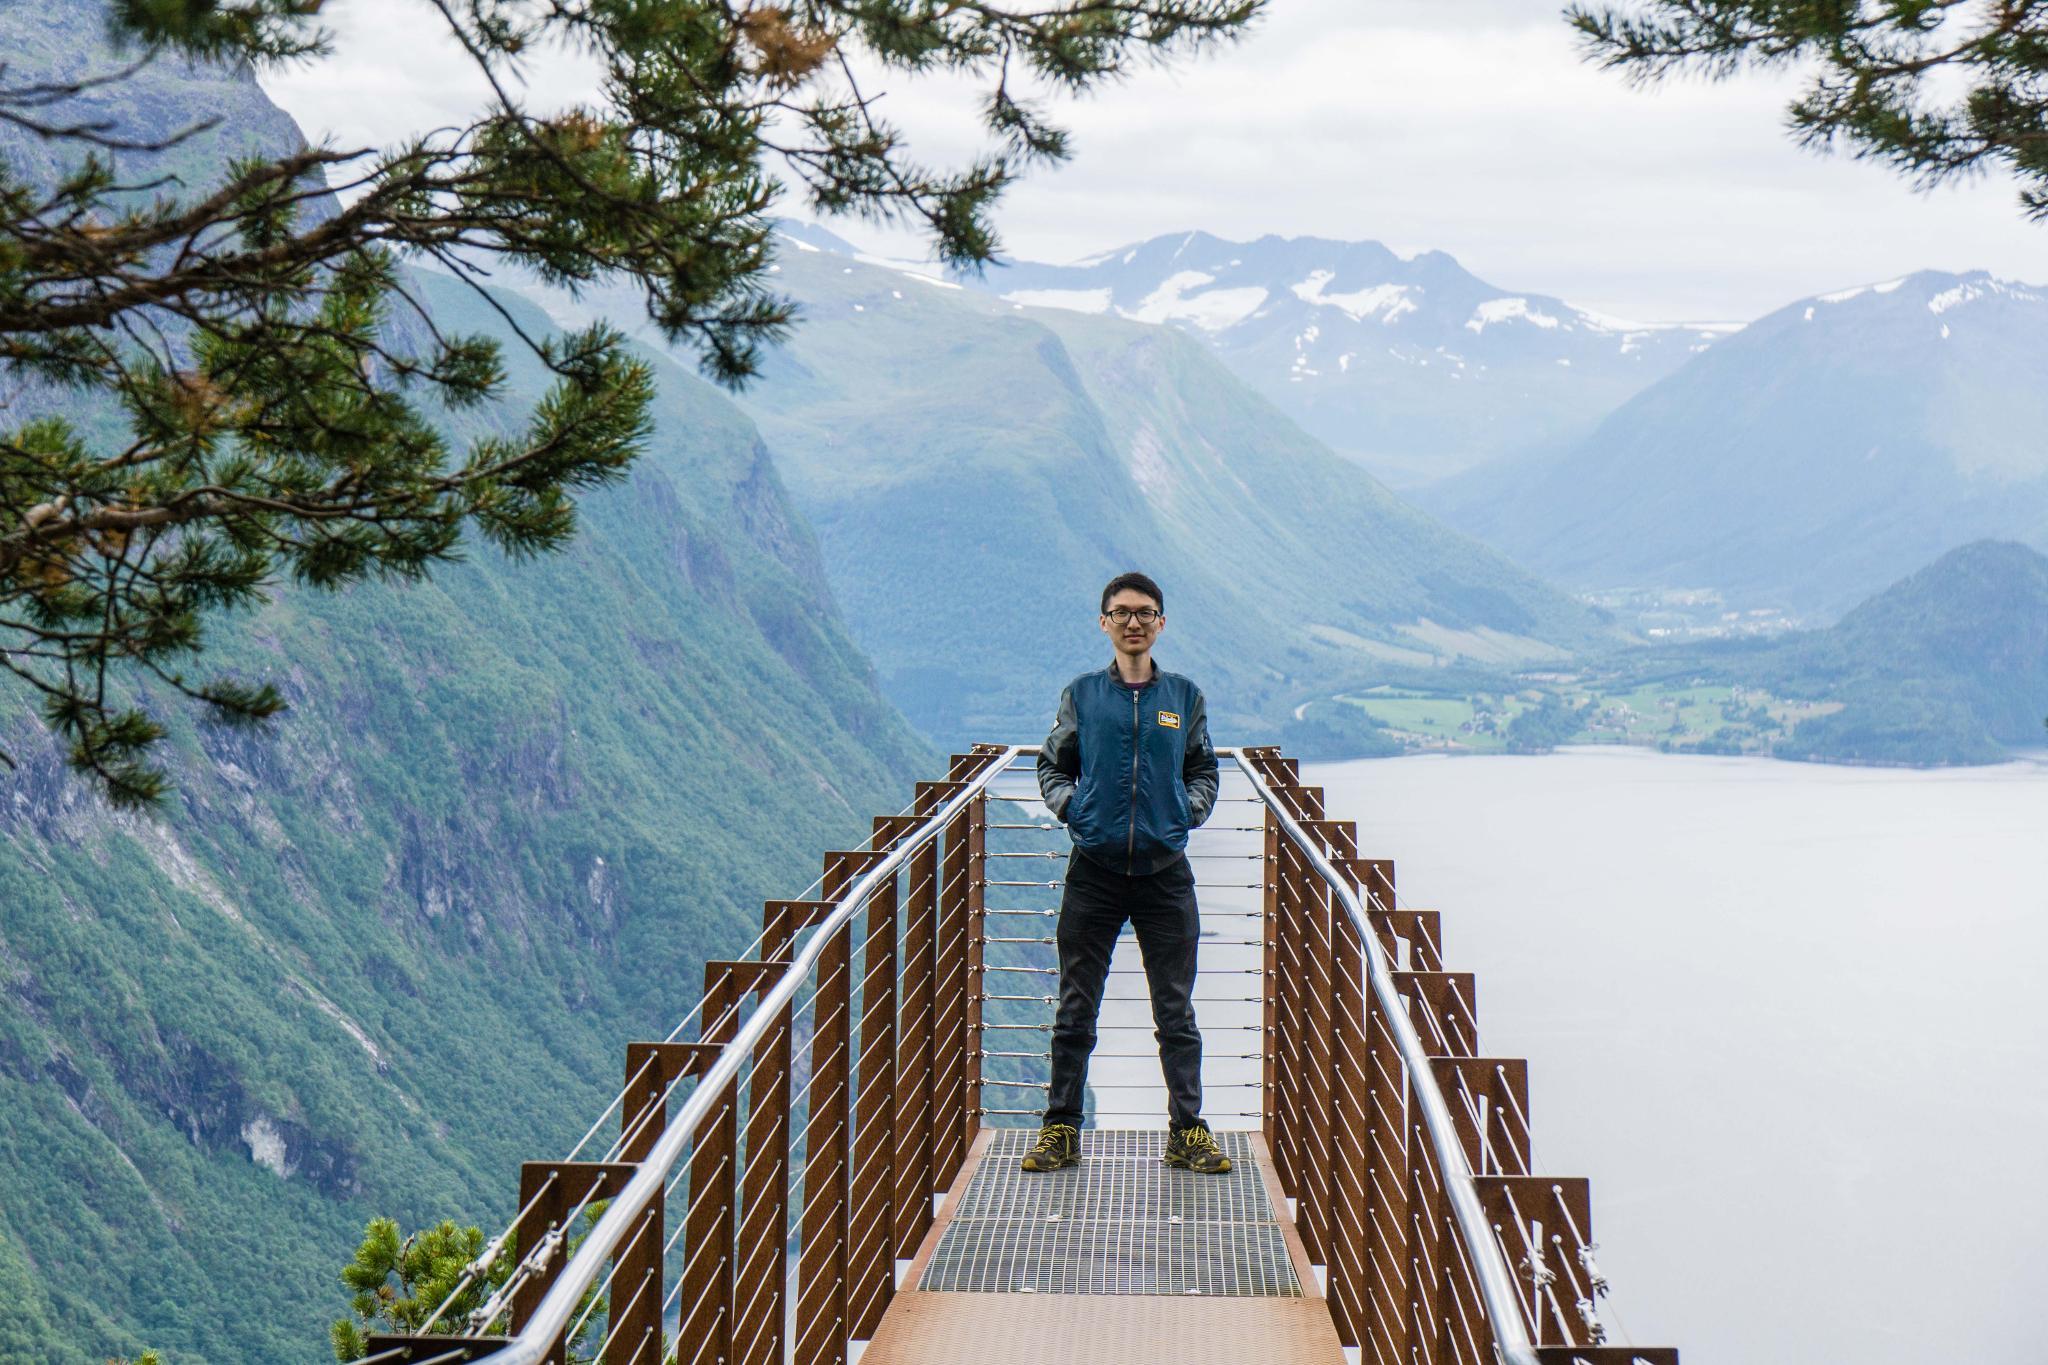 【北歐景點】峽灣區起點Åndalsnes健行 - 鳥瞰峽灣全景的Rampestreken觀景台 21